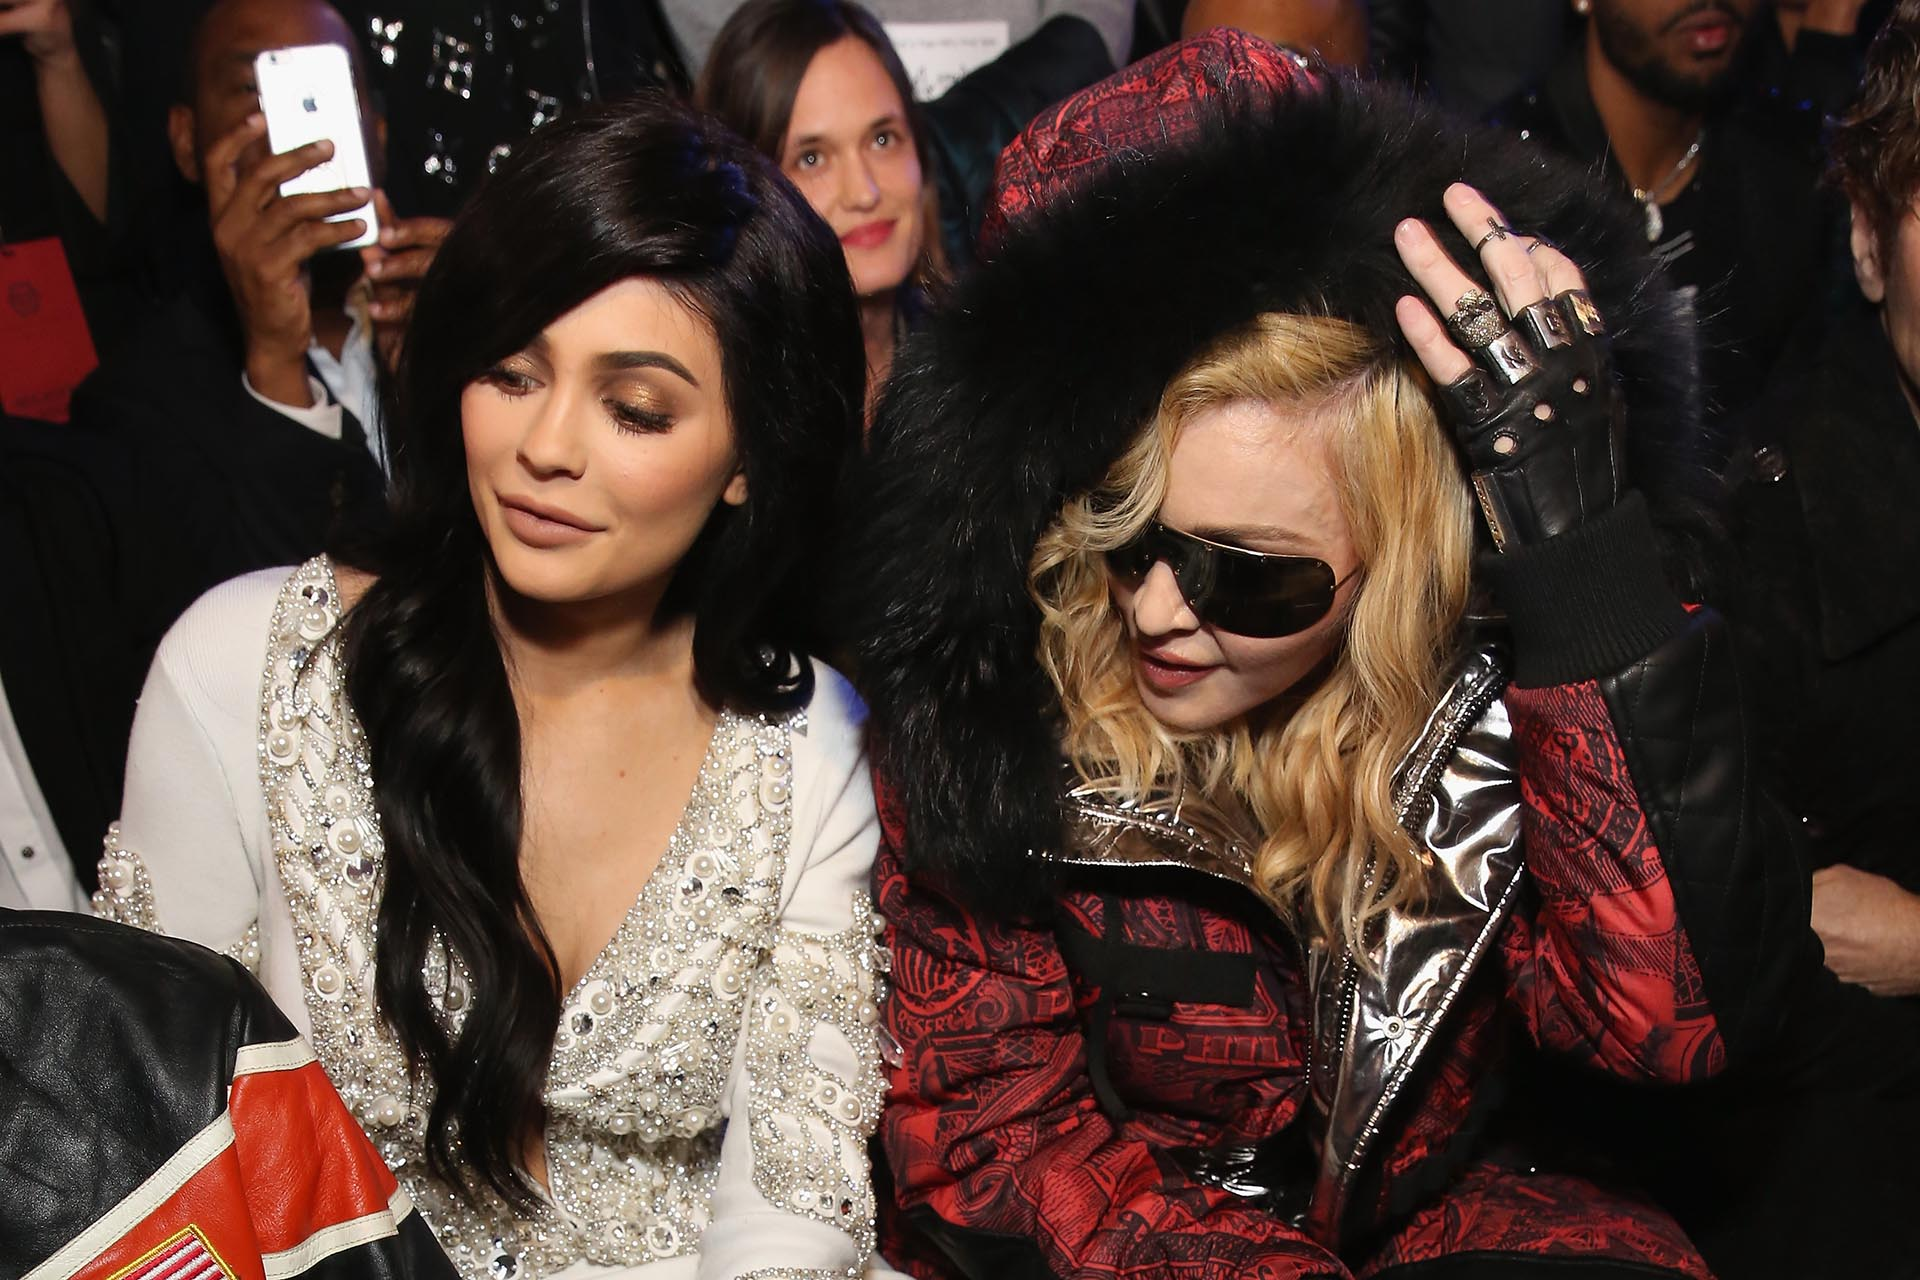 Kylie Jenner con un vestido bordado con piedras y perlas junto a Madonna y su extravagante look